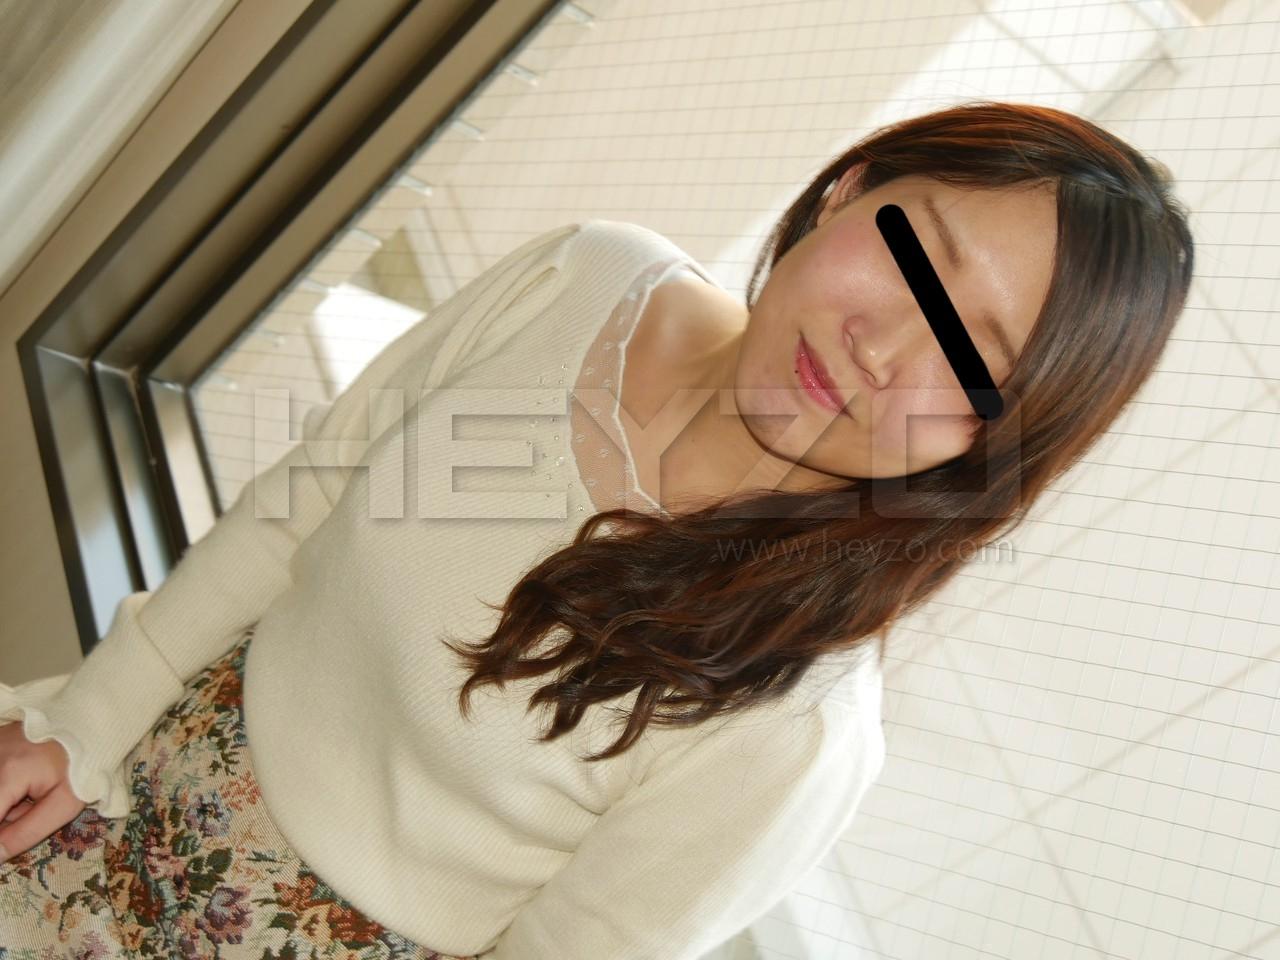 増子理恵 見た目清楚、実は淫乱なヤリマン娘